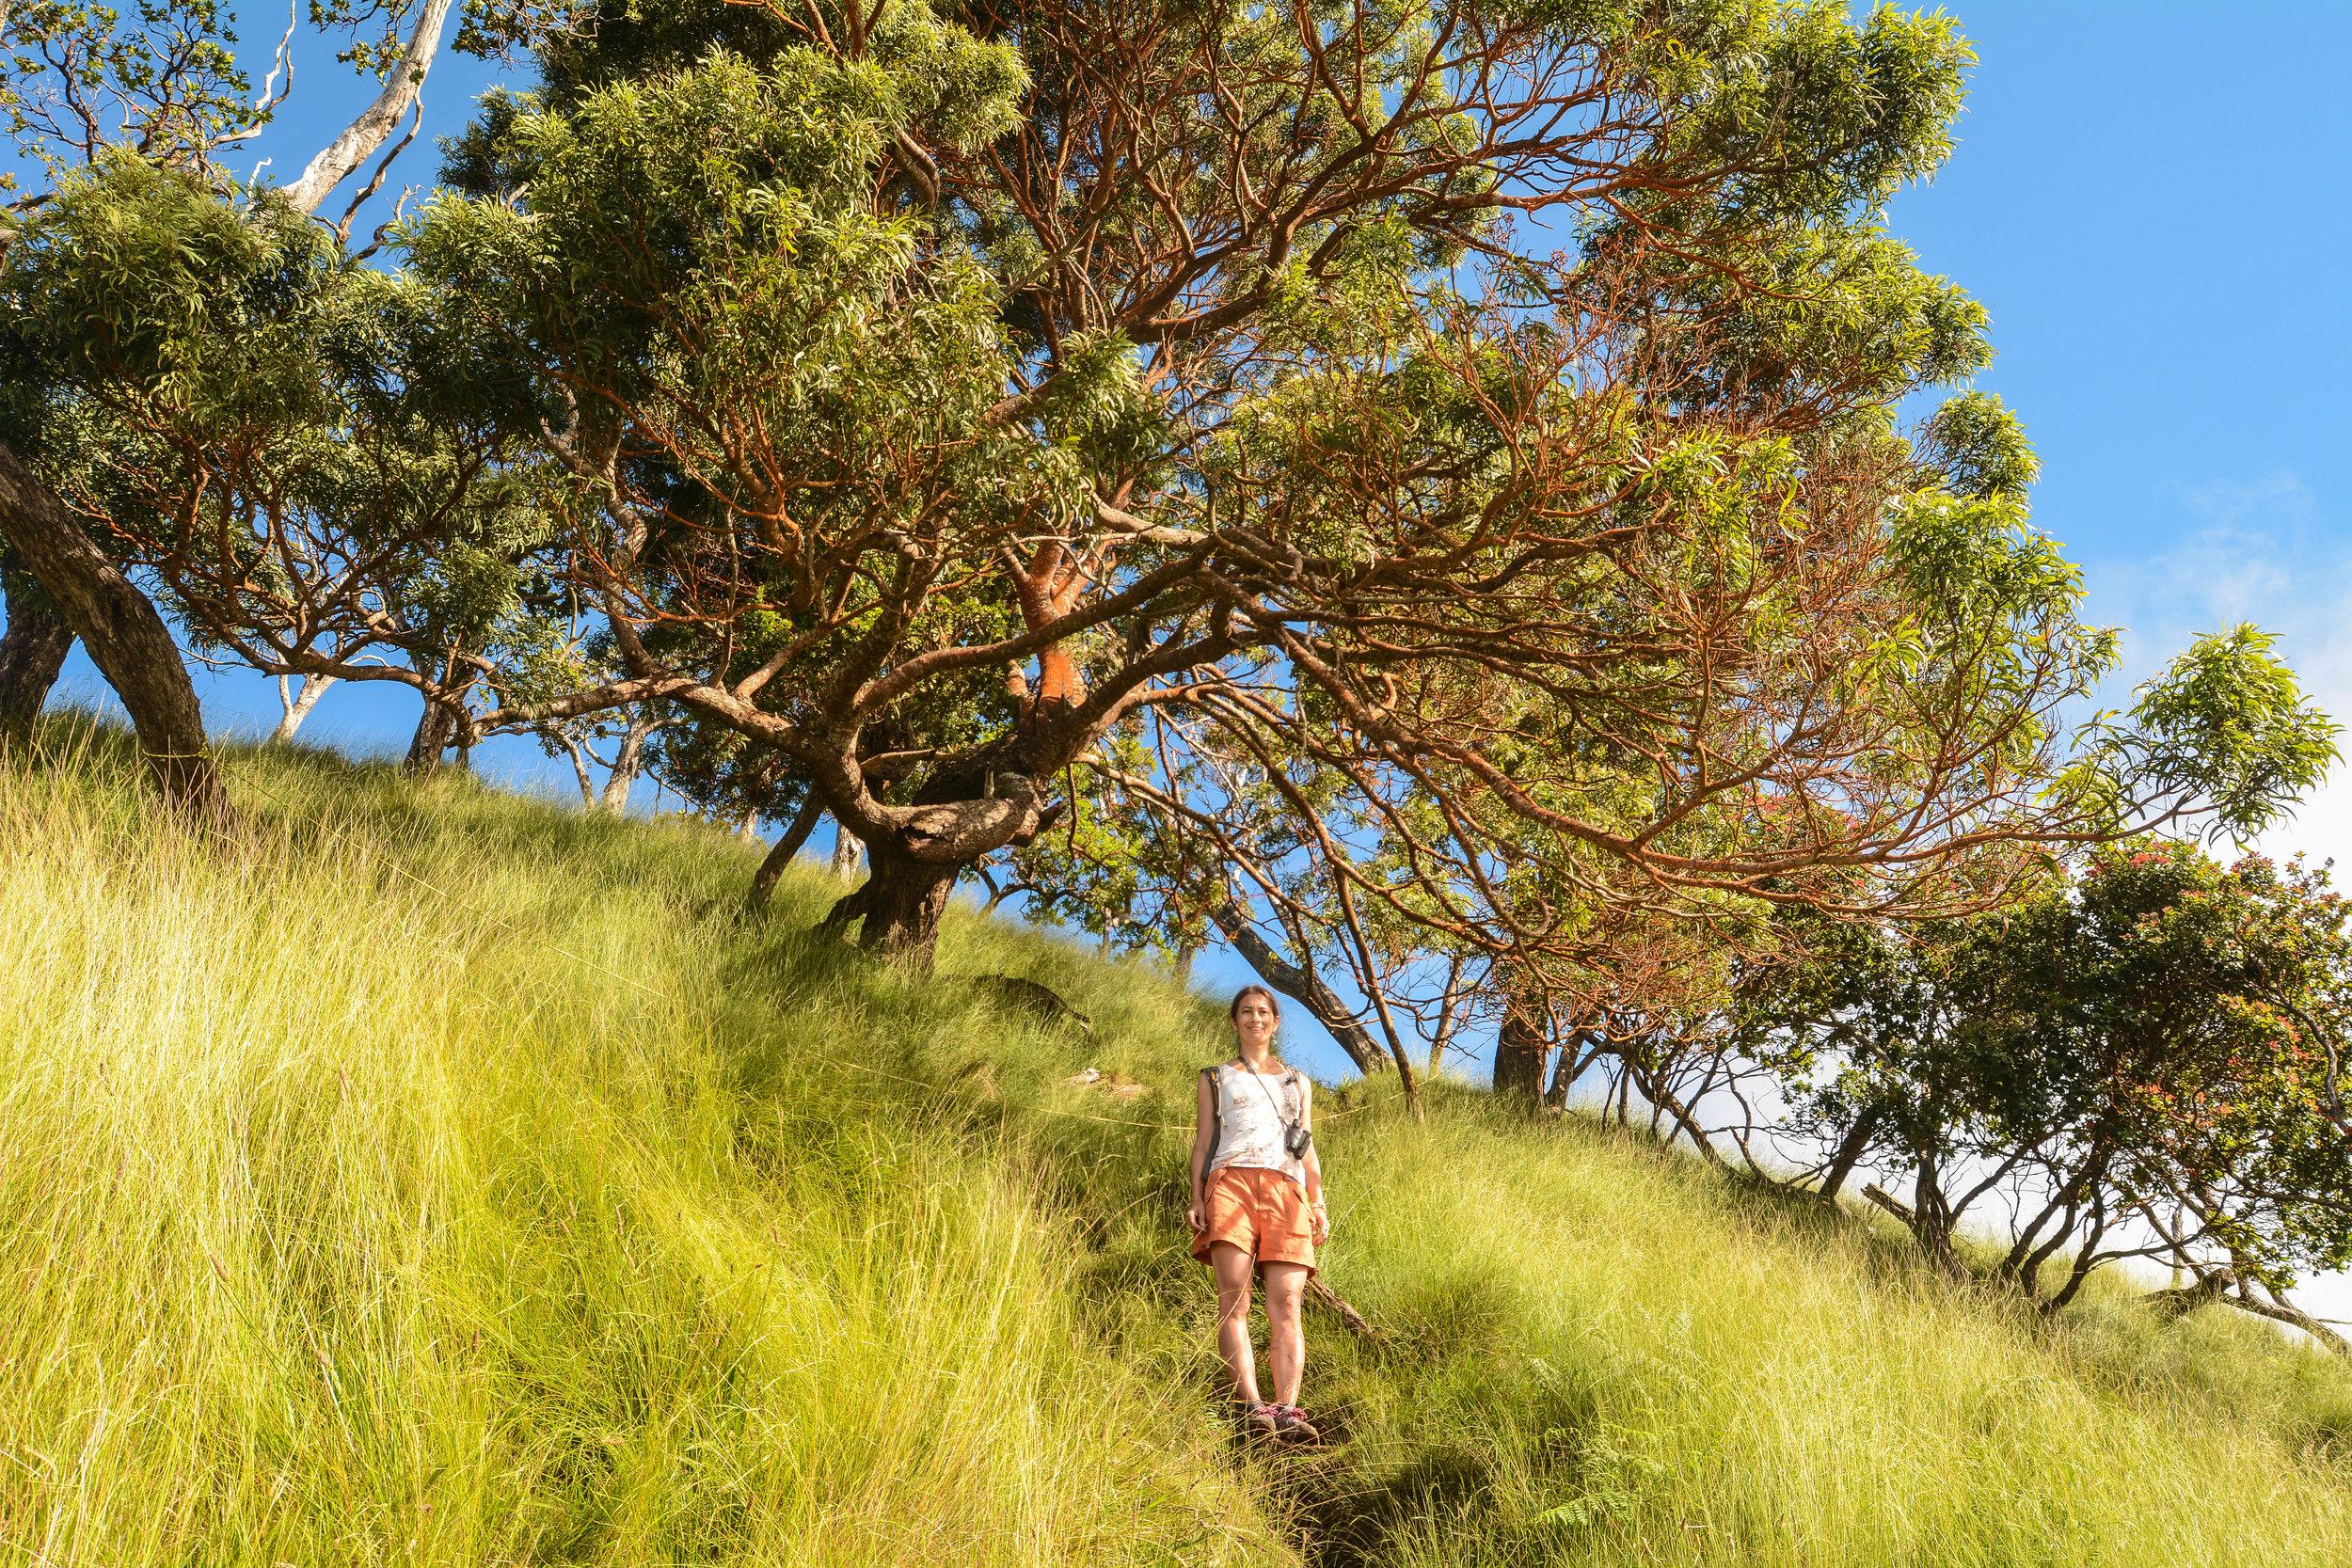 Hiker enjoying the lush beauty of Koke e` state park Kauai, Hawaii